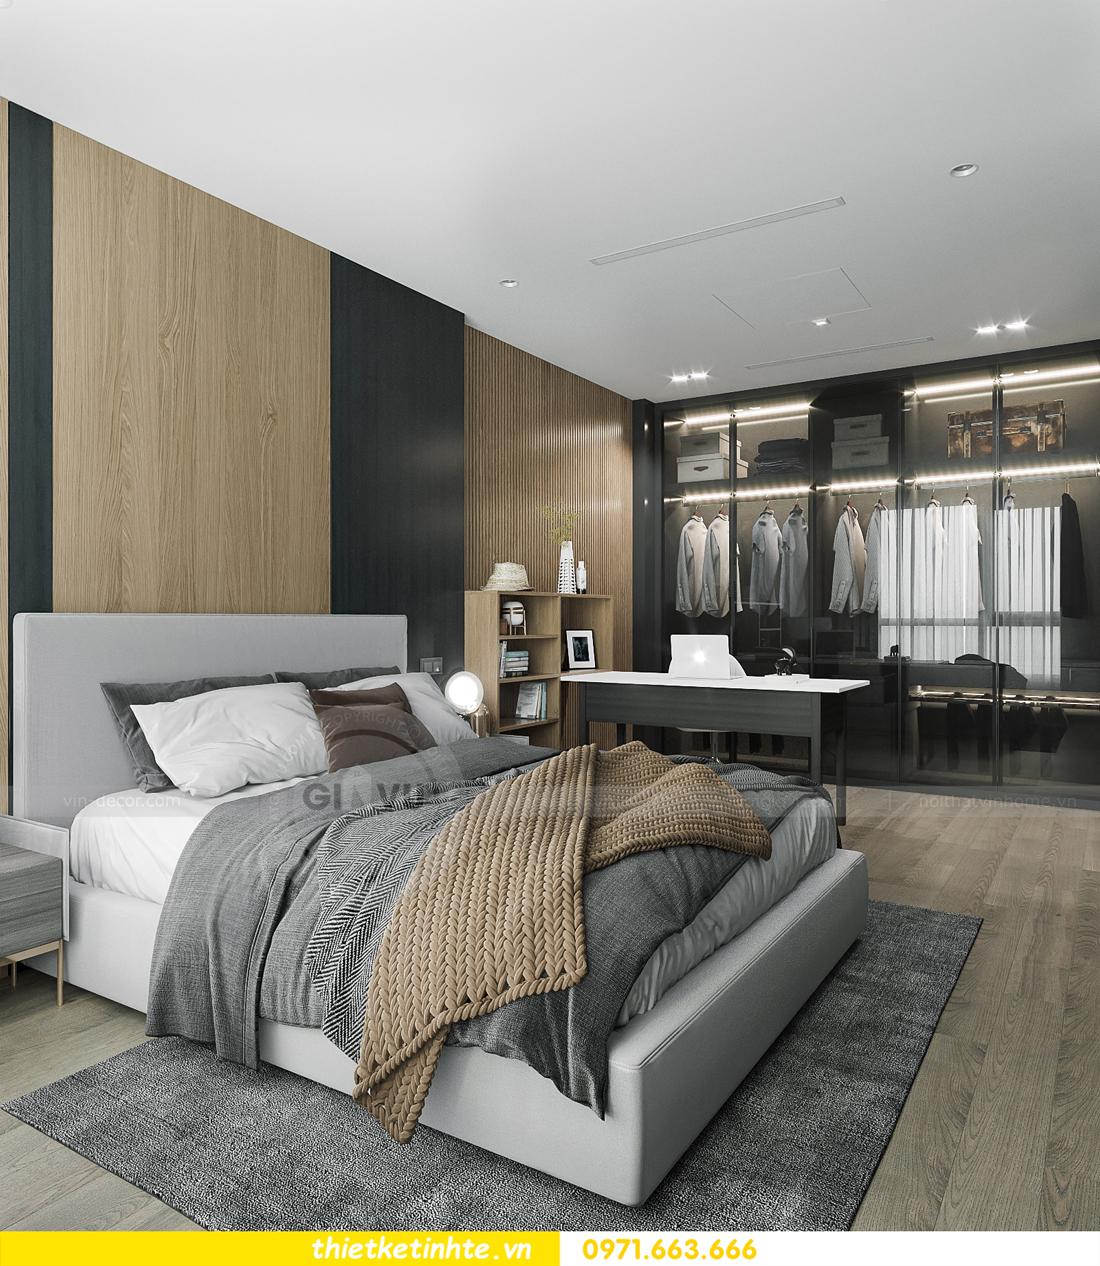 thiết kế nội thất căn hộ 1PN + 1 tại Vinhomes Smart City 7